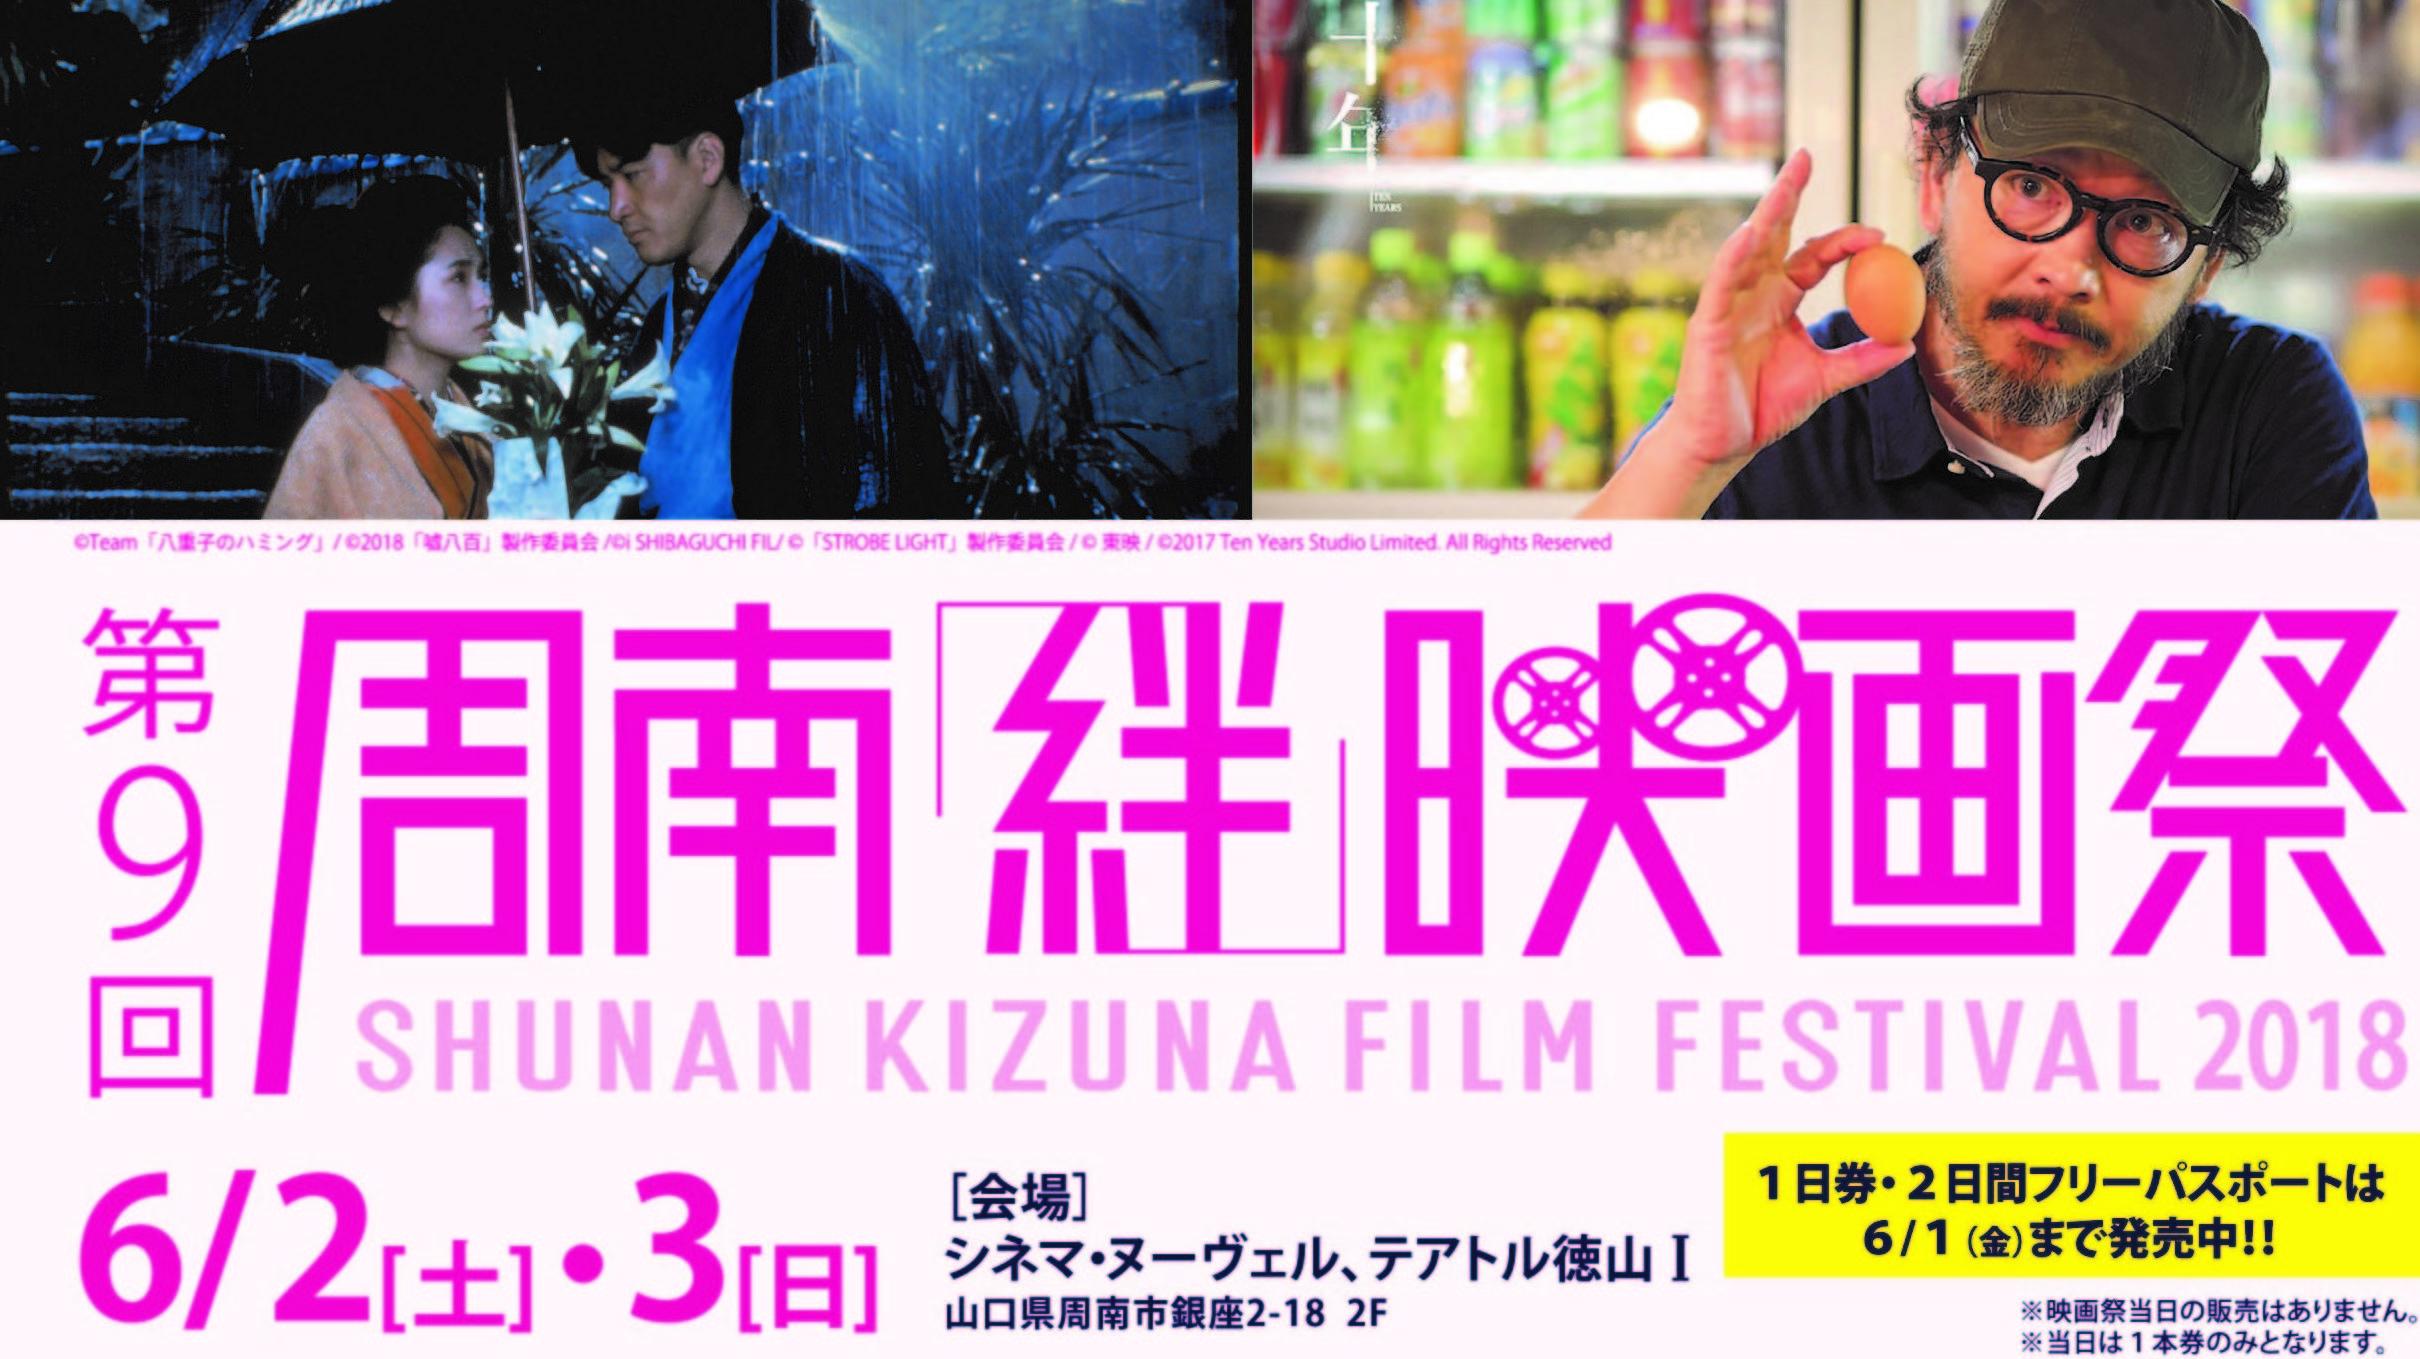 今年の周南「絆」映画祭は6月。徳山の街に映画が戻ってくる2日間です!